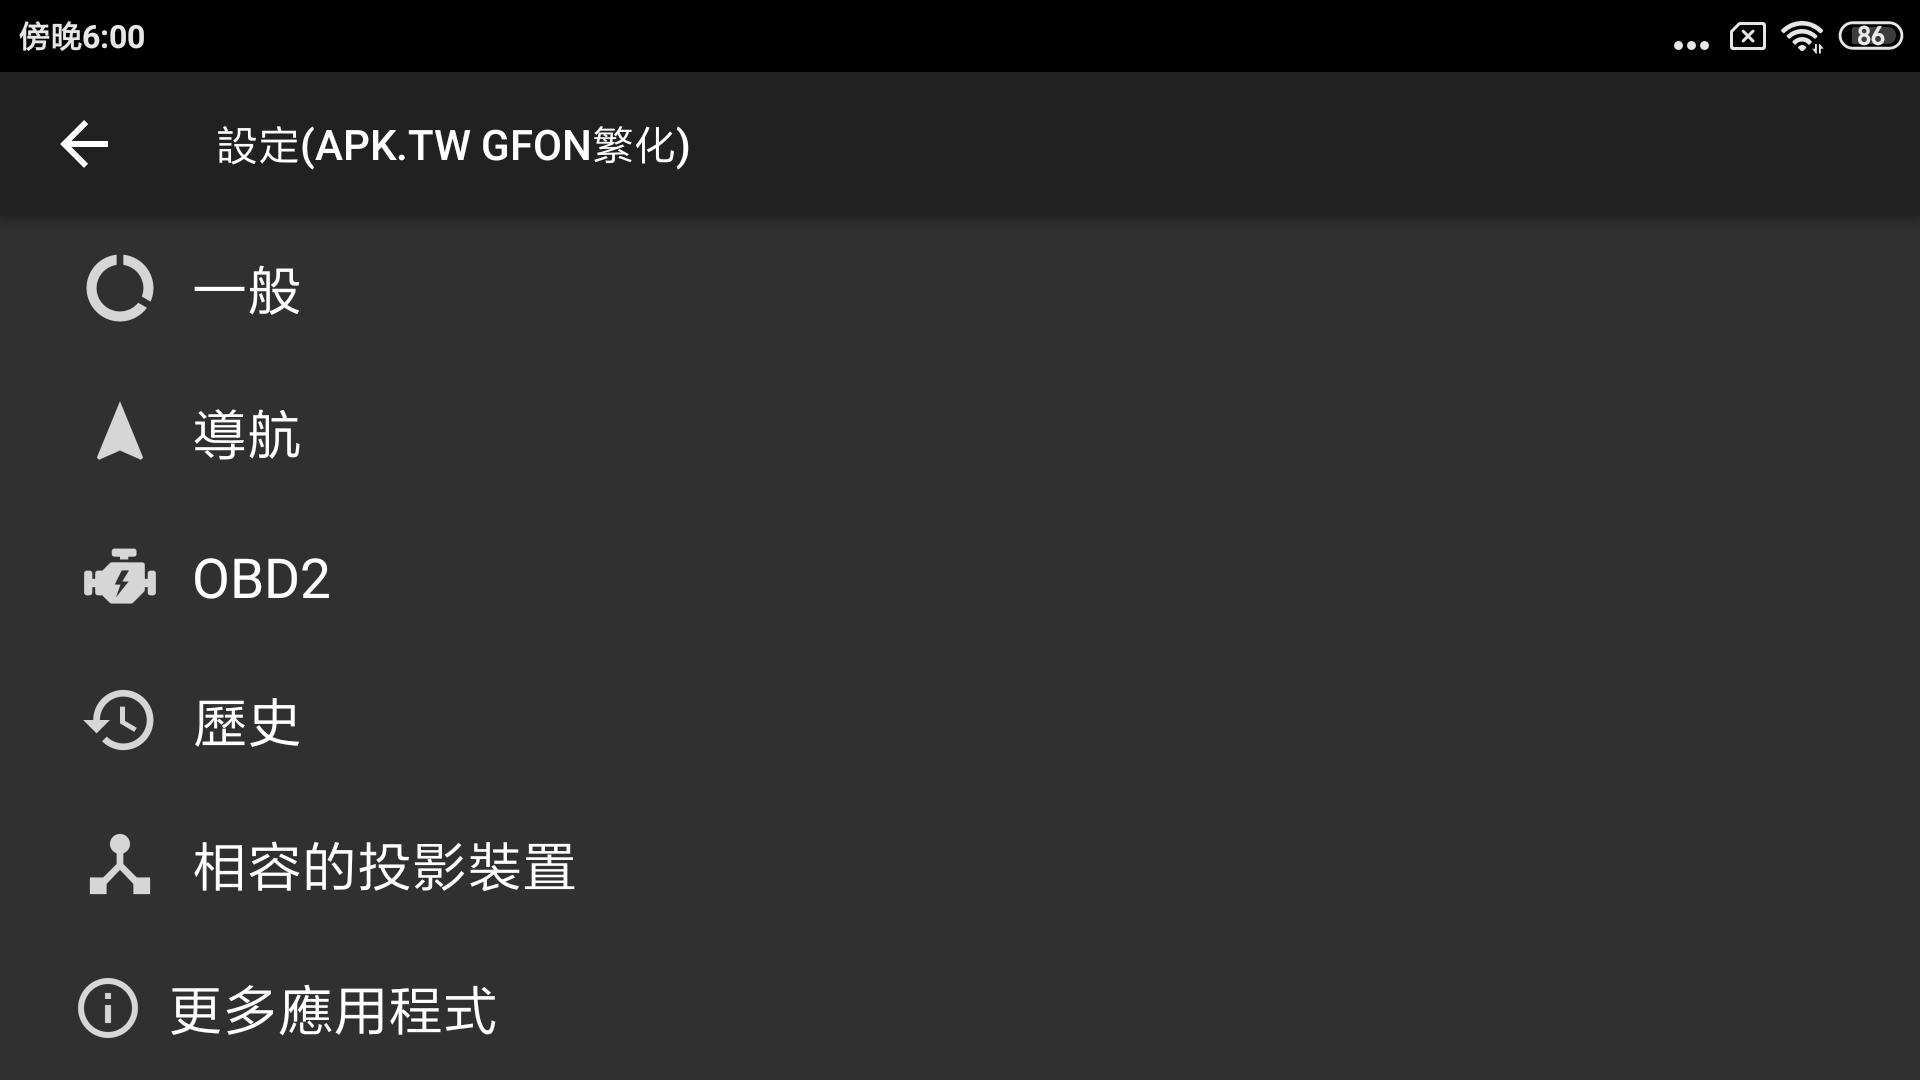 Screenshot_2020-09-21-18-00-26-621_idv.xunqun.navier.jpg